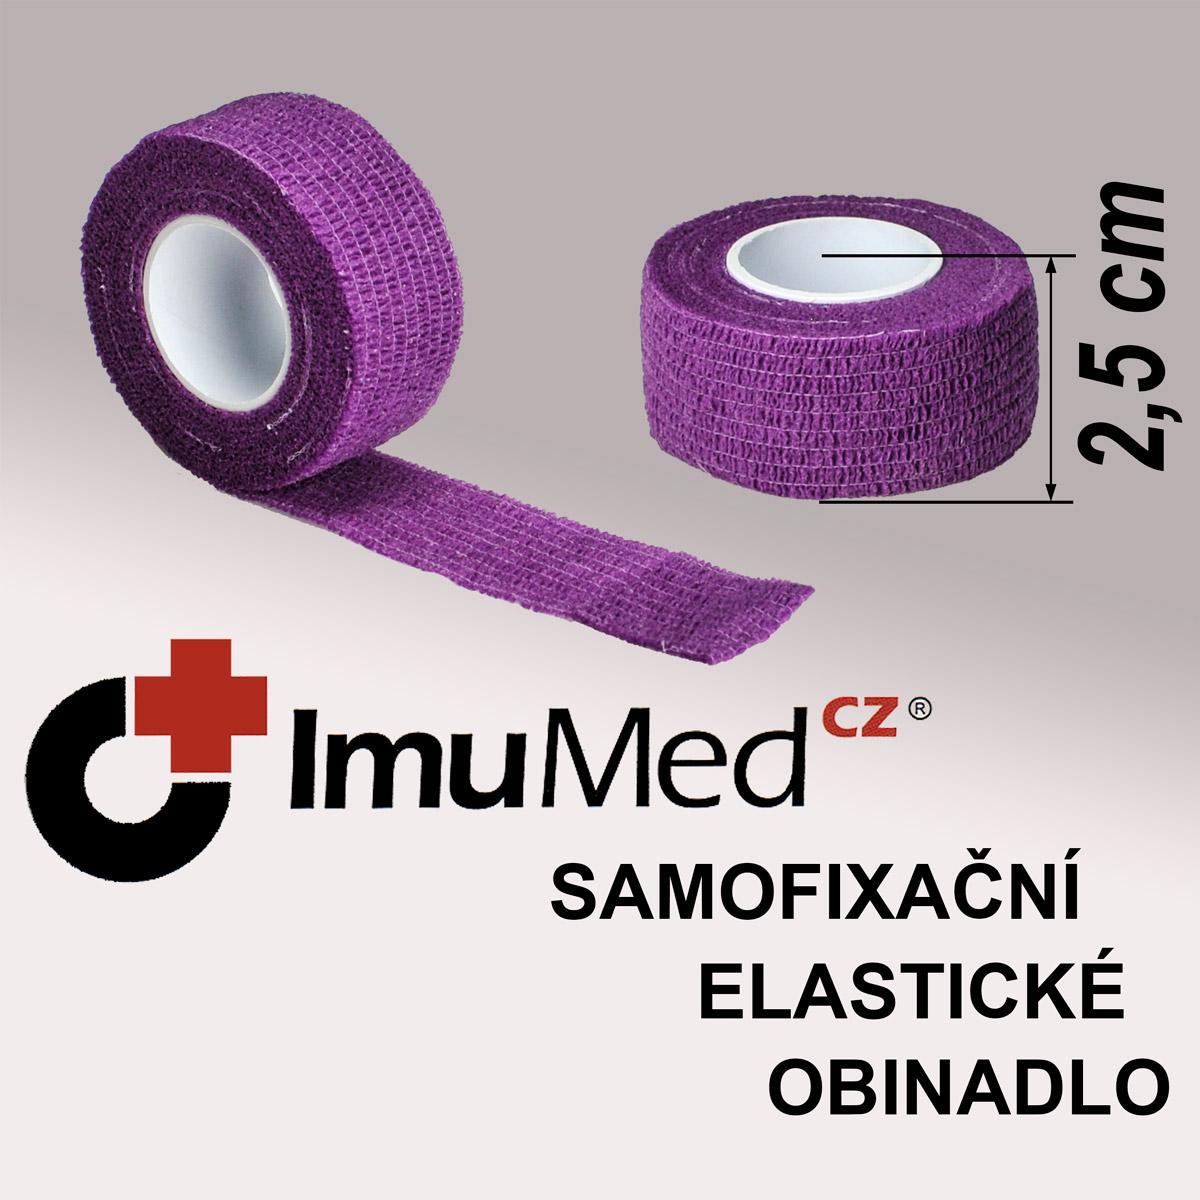 ImuMedCZ samofixační elastické obinadlo 2,5 cm x 4,5m FIALOVÁ barva ImuMedCZ samodržící elastické obinadlo 2,5 cm x 4,5 m FIALOVA barva